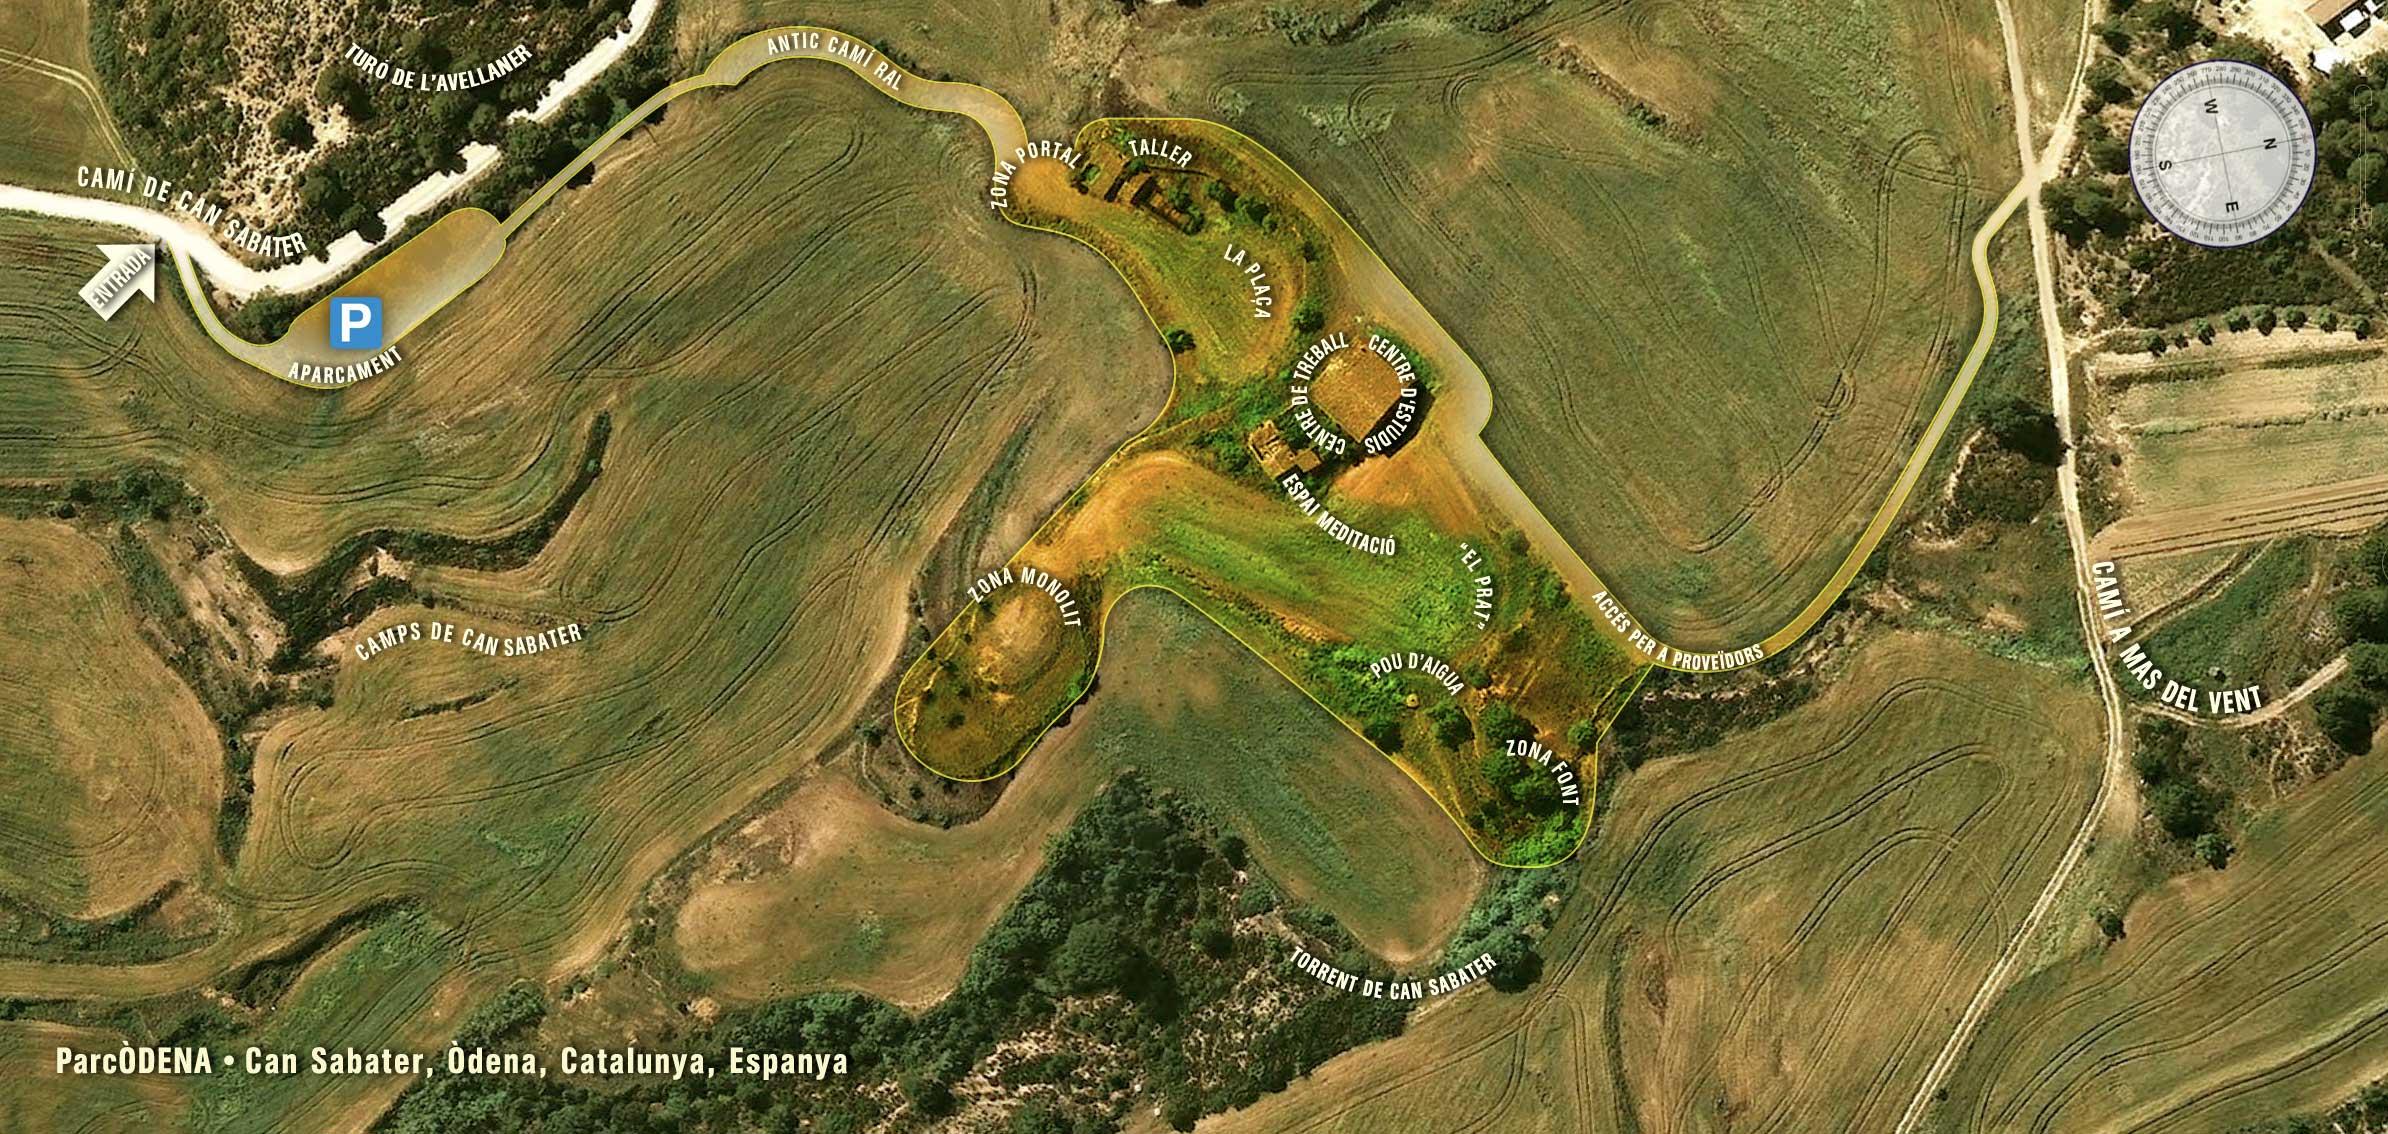 Plànol de ParcÒDENA: camins d'accés, límits del terreny, edificacions i zones dels monuments.